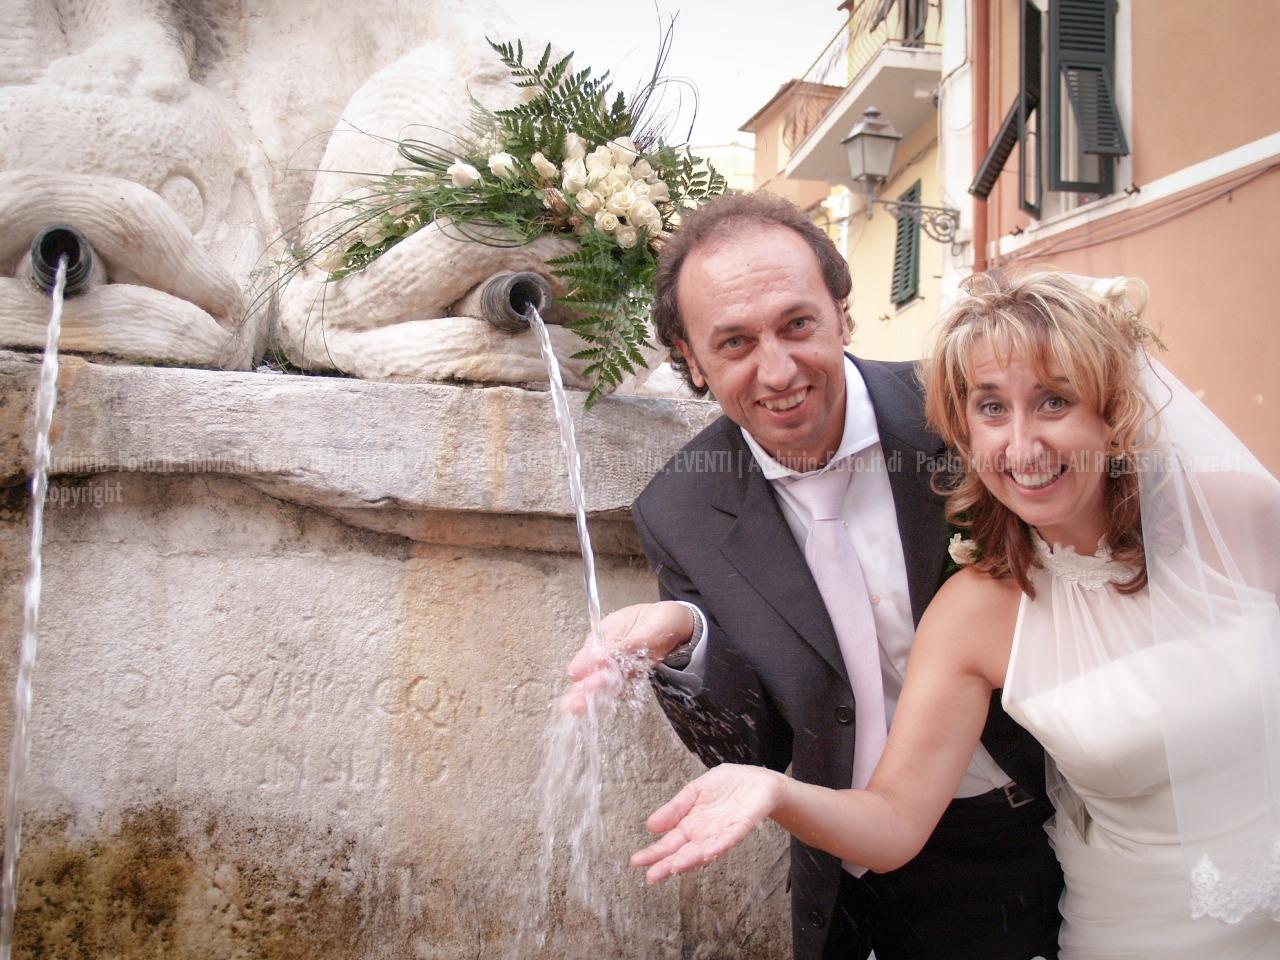 foto-277__24092005_Baccio-Bandinelli-beni-culturali-Carrara-fontana-Gigante-marmo-matrimonio-Nettuno-Paolo-Maddy